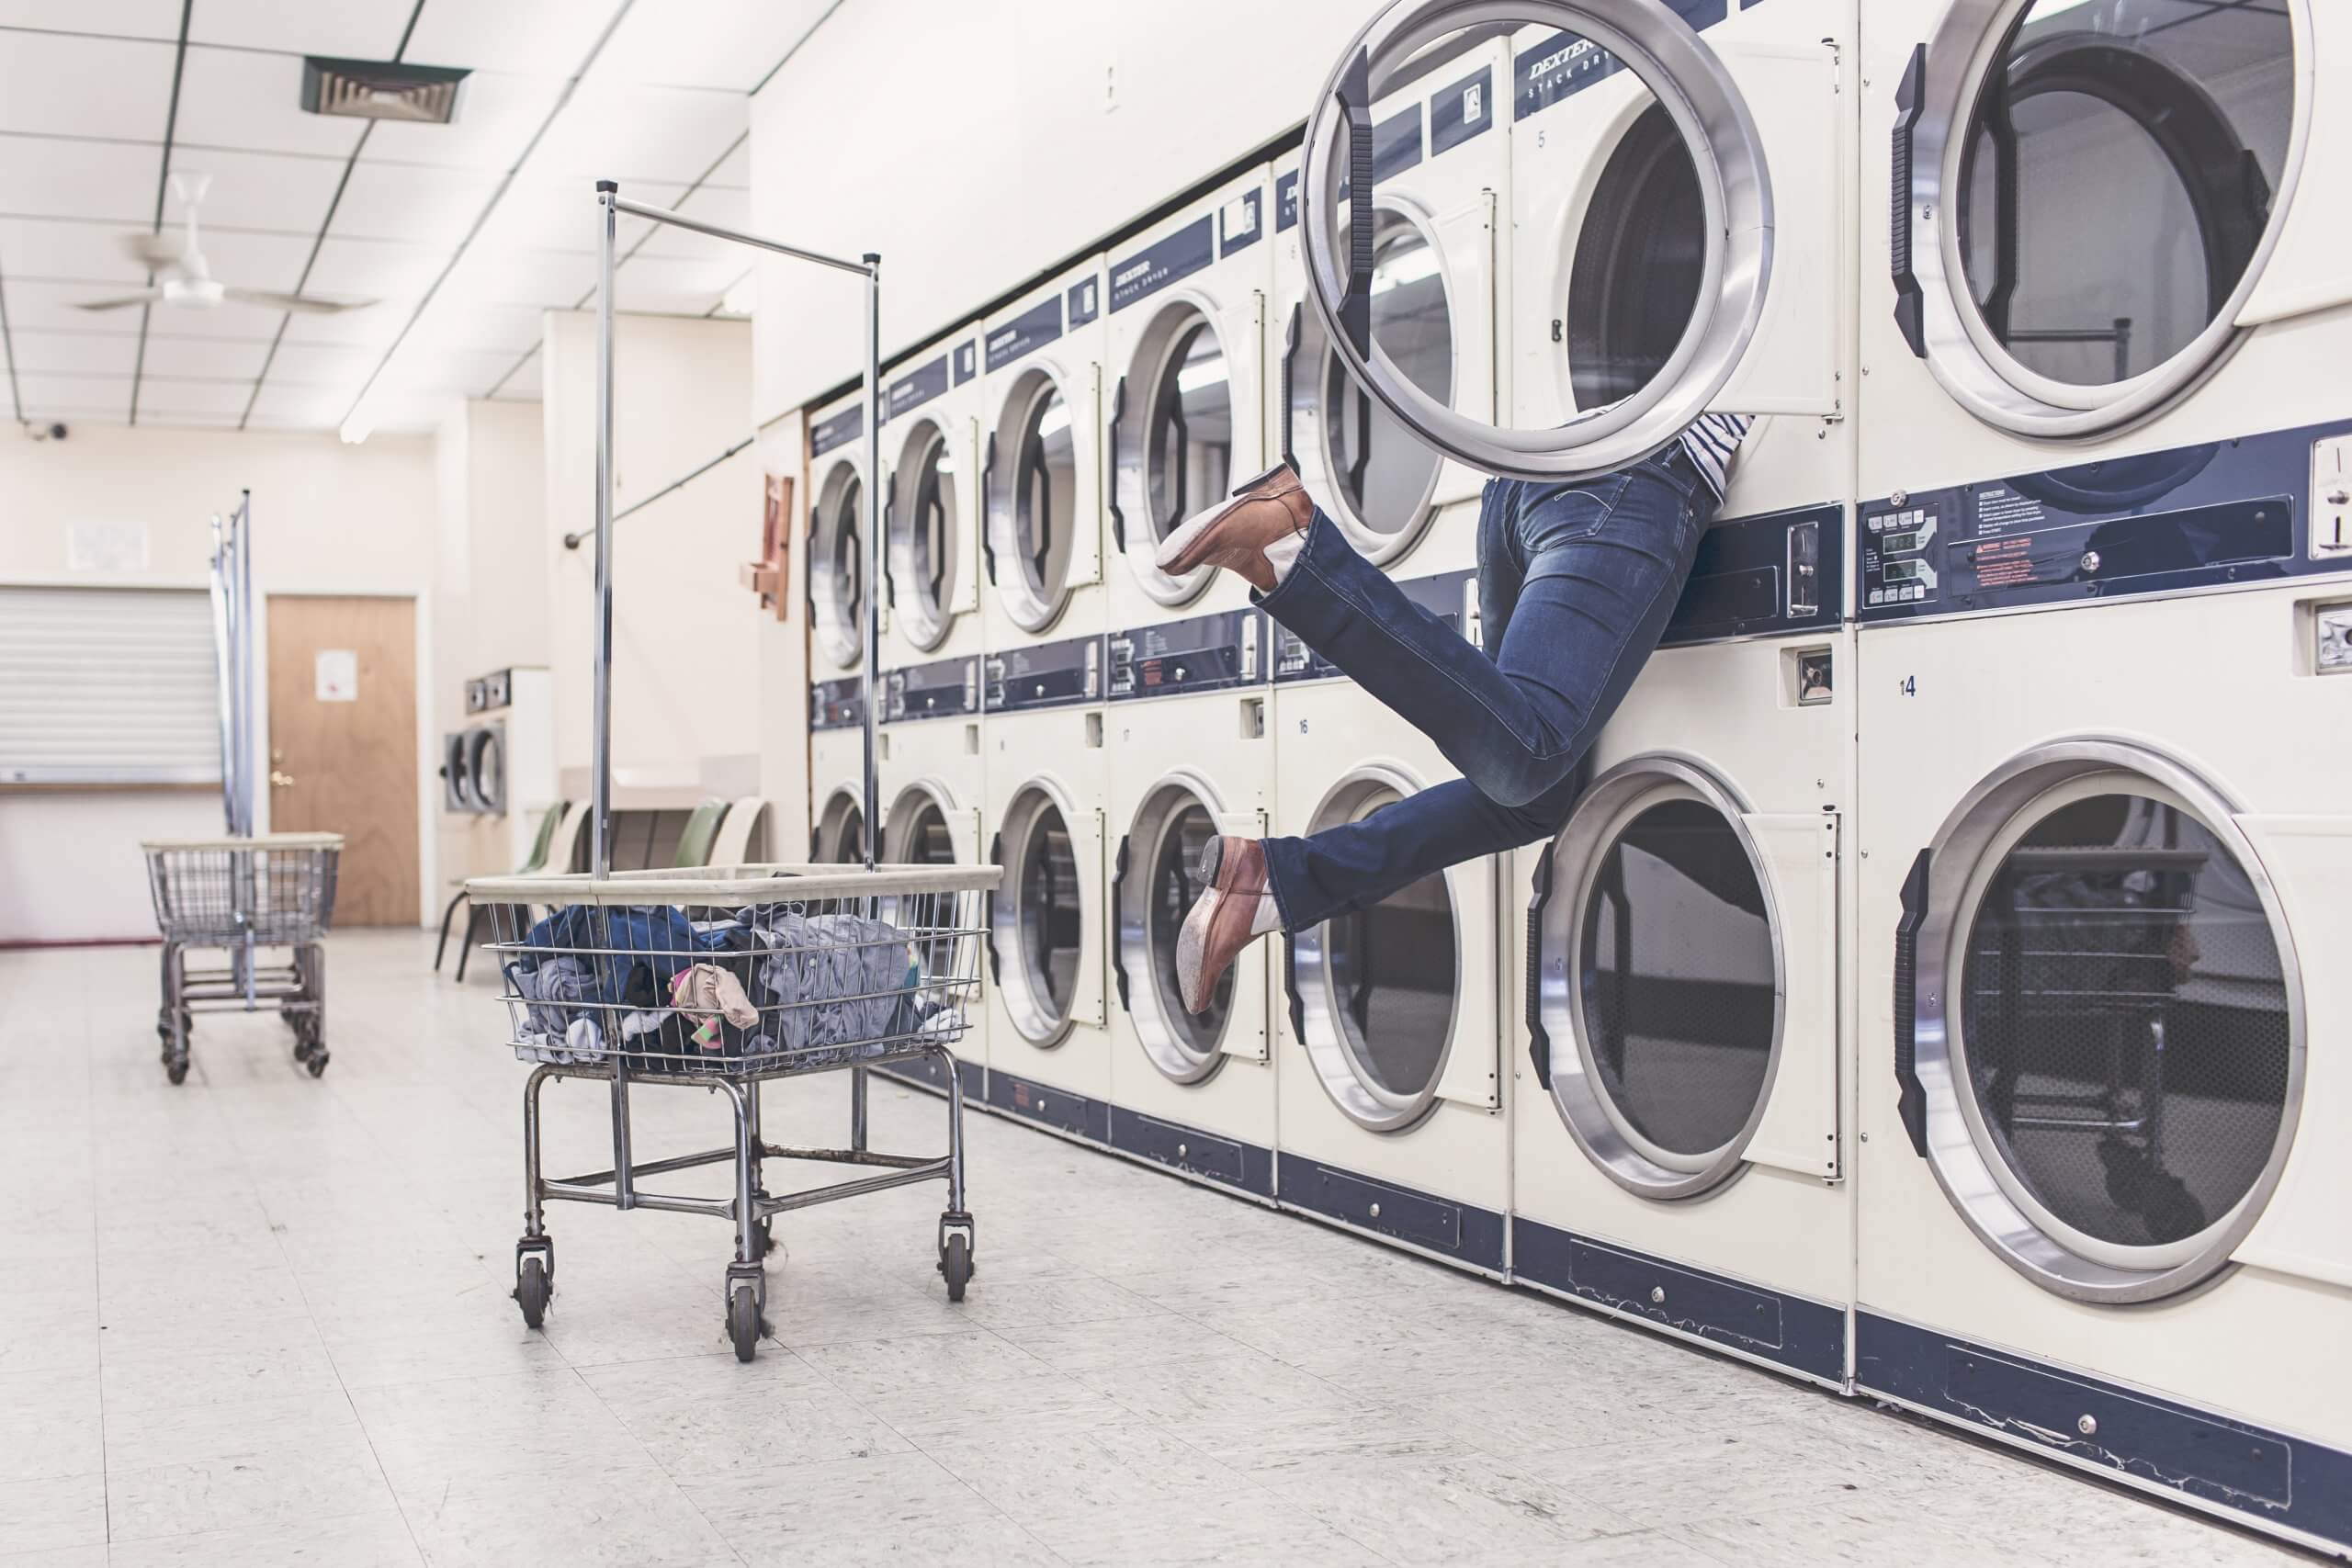 Ruhaguru - mosási tippek - Ne fulladj bele a mosásba!